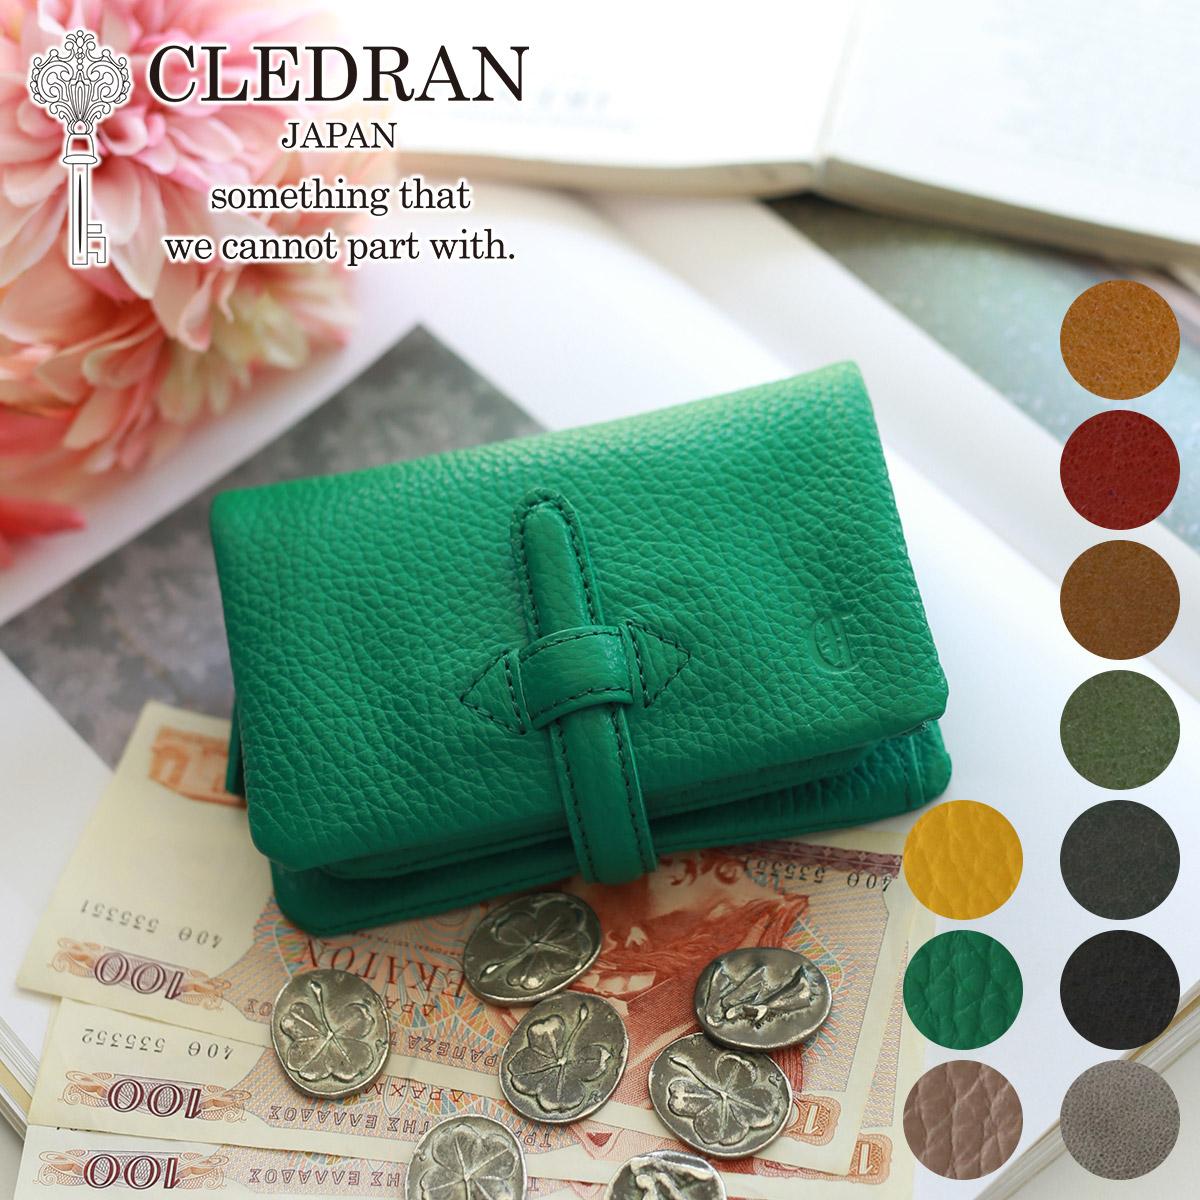 【選べるかわいいノベルティ付】 CLEDRAN クレドラン 財布ADORE(アドレ) 小銭入れ付き二つ折り財布 CR-S6218レディース 二つ折り 日本製 ギフト かわいい おしゃれ プレゼント ブランド